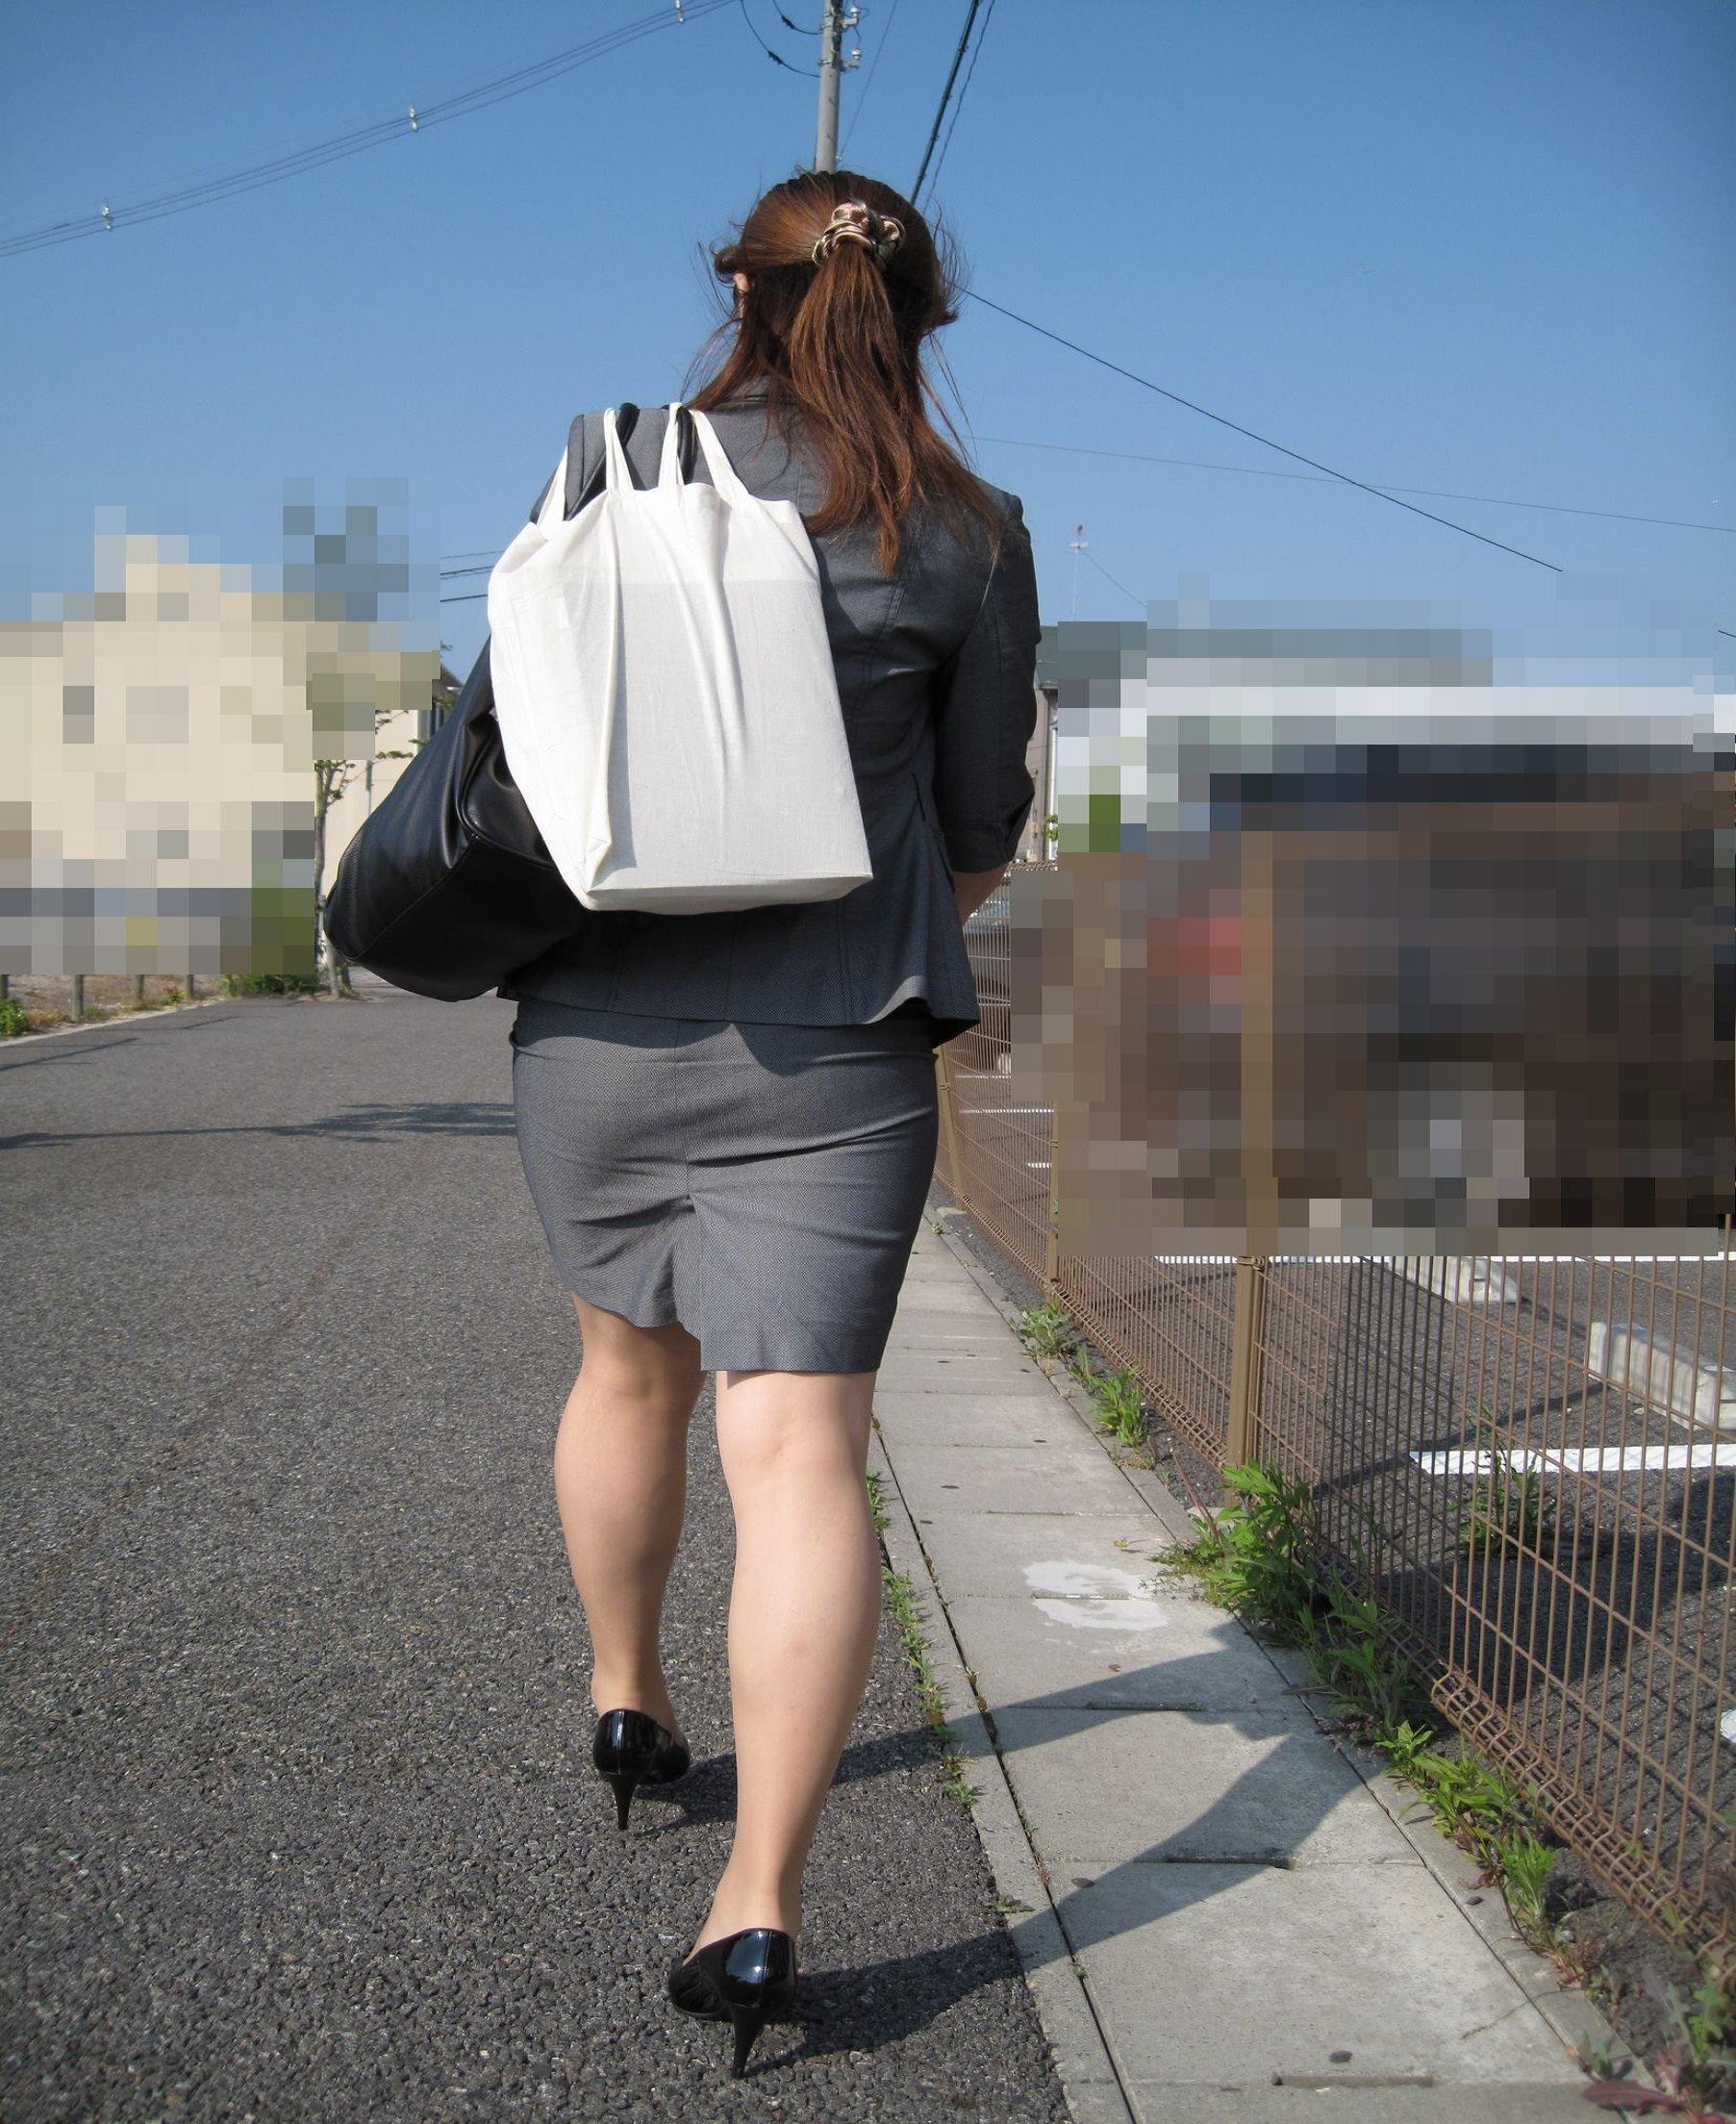 お尻の形が丸わかりなOLさんを尾行して街撮り盗撮www 3074